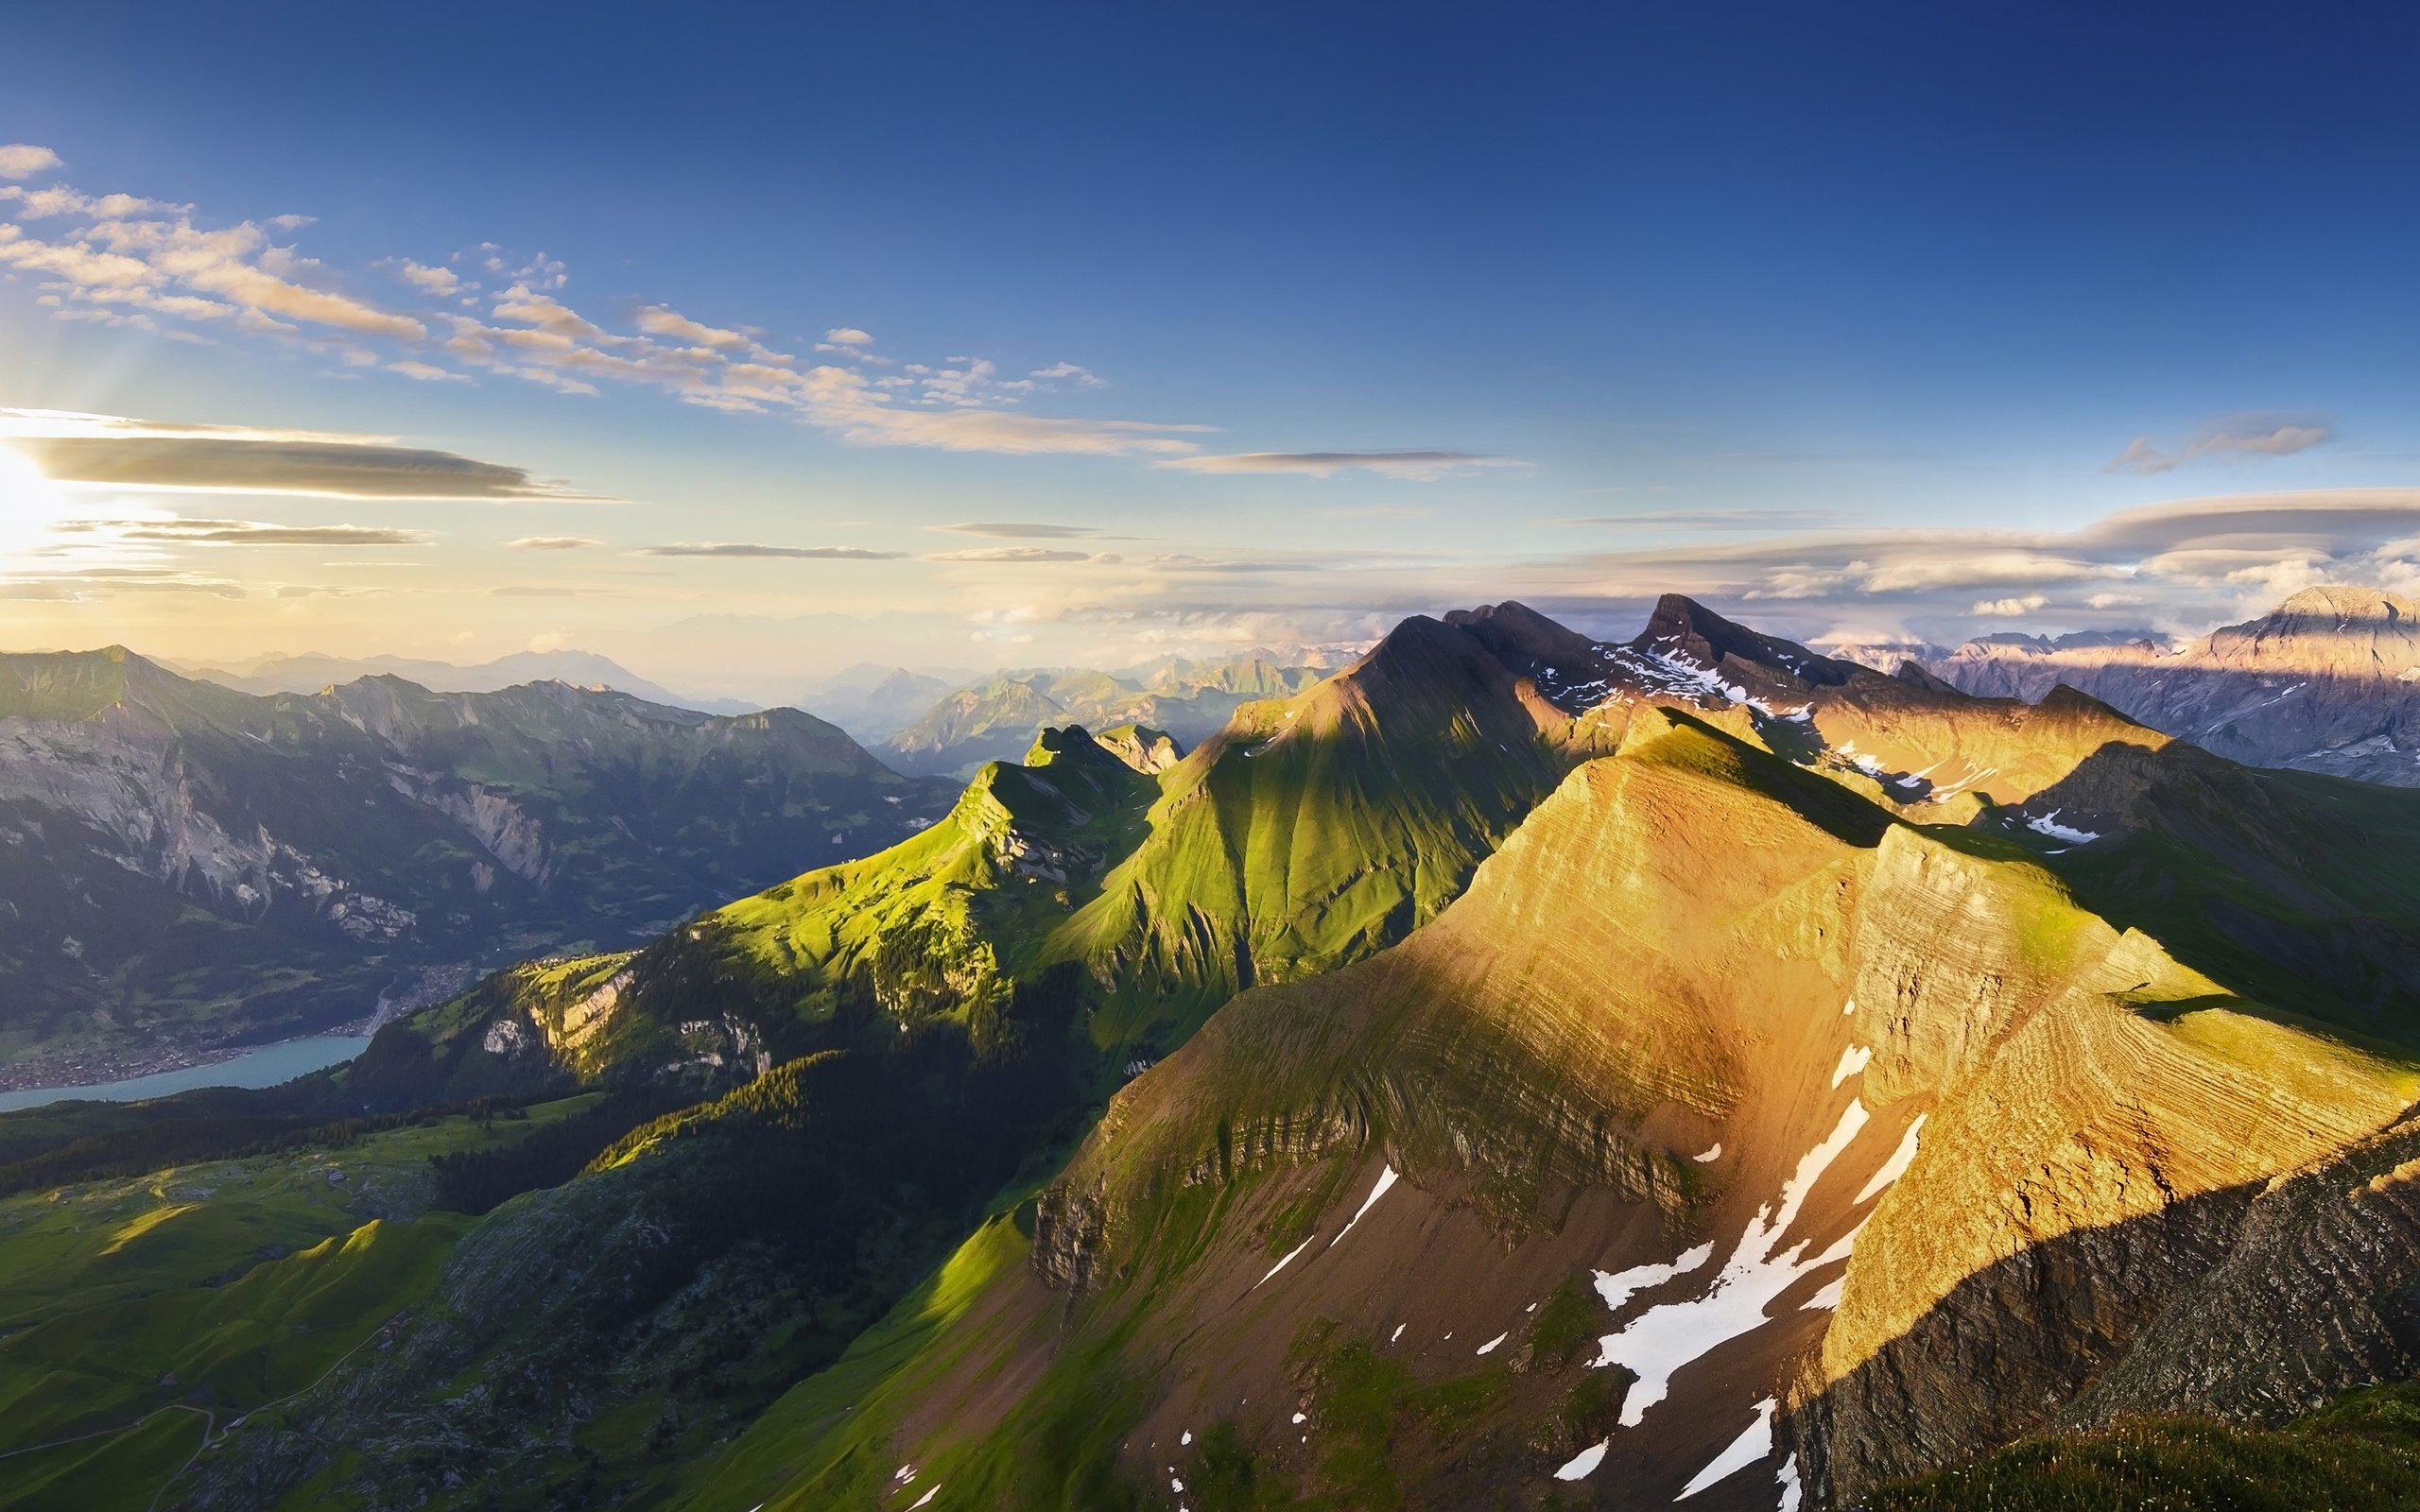 Картинки гор в высоком разрешении